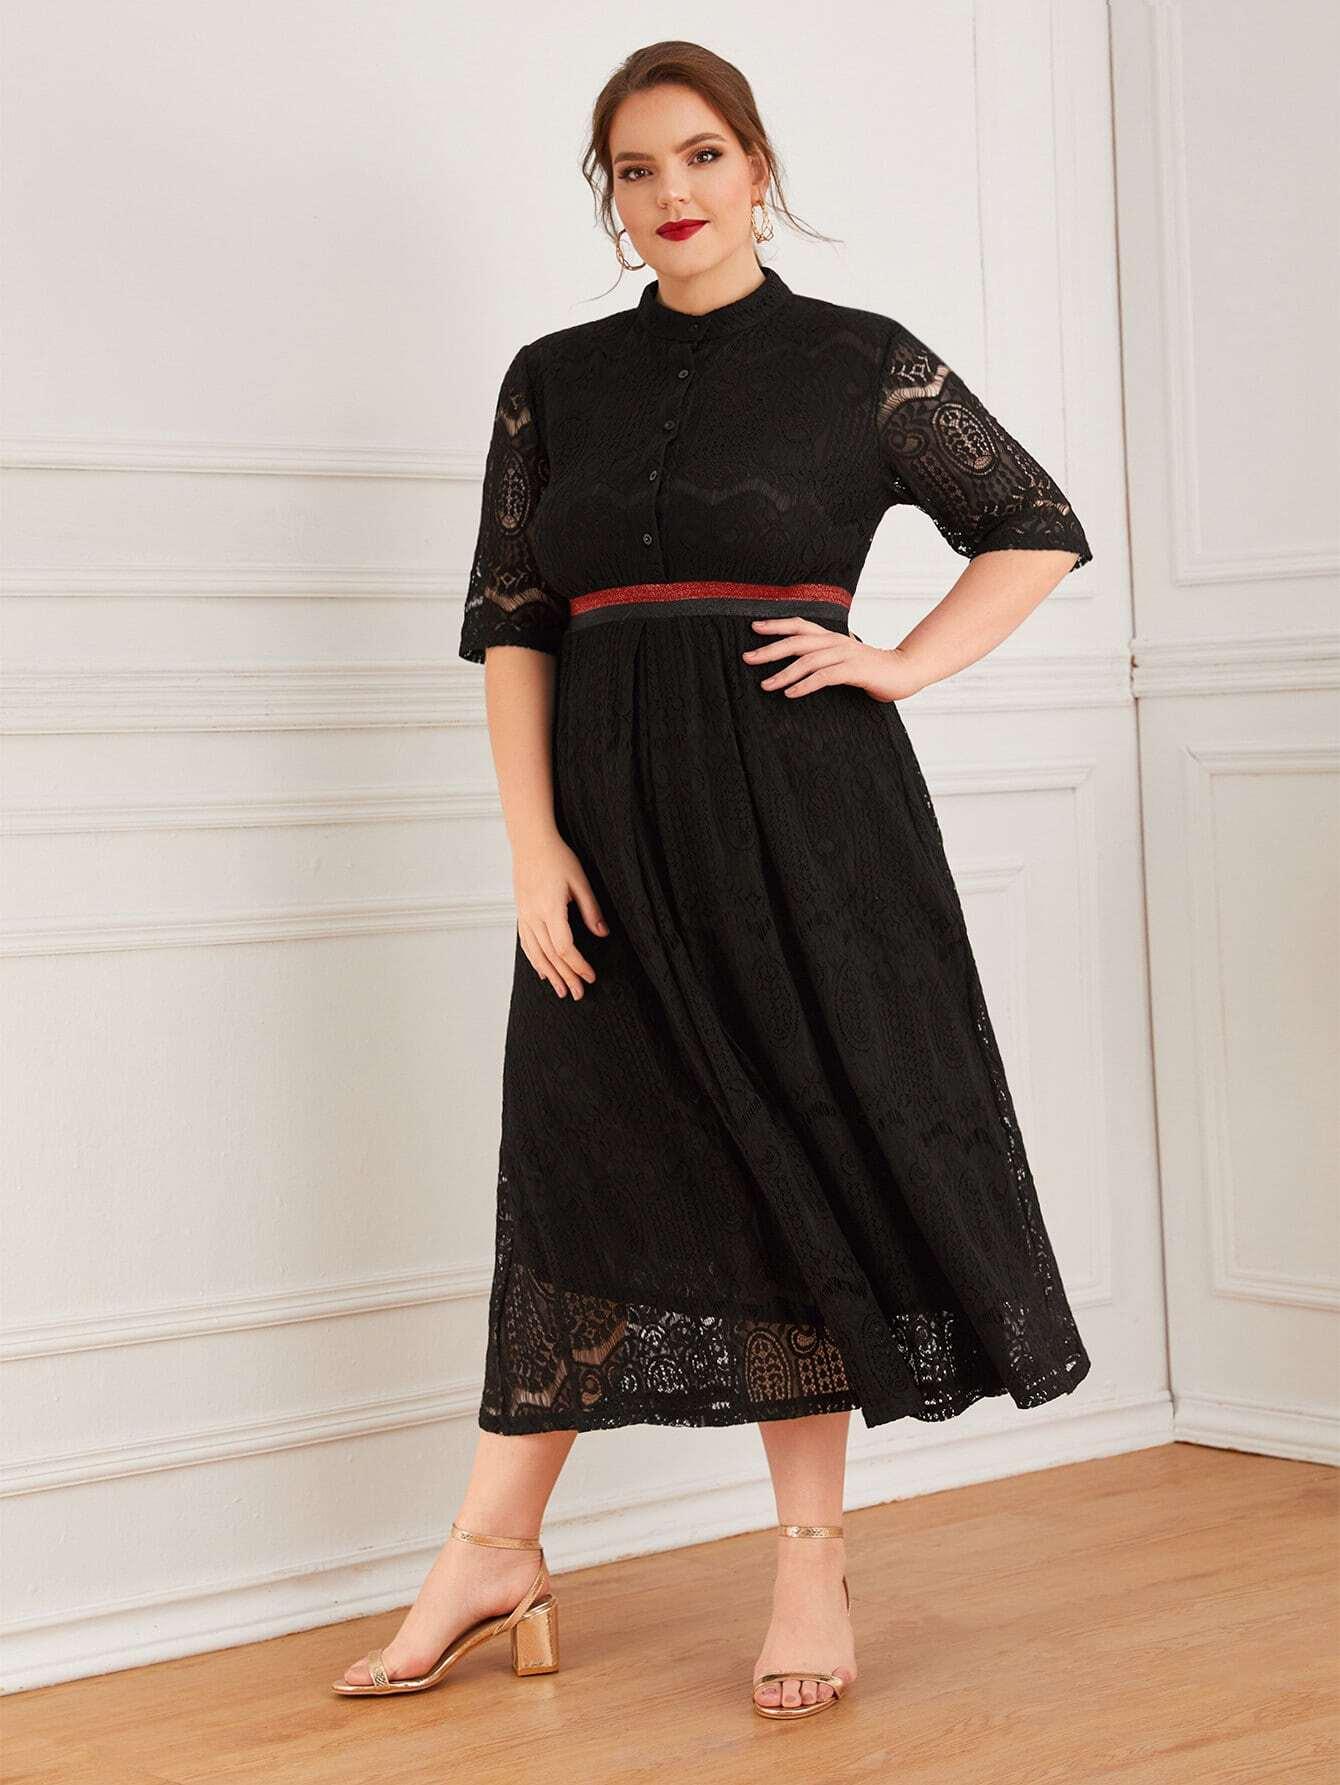 Кружевное платье размера плюс с пуговицами и полосками